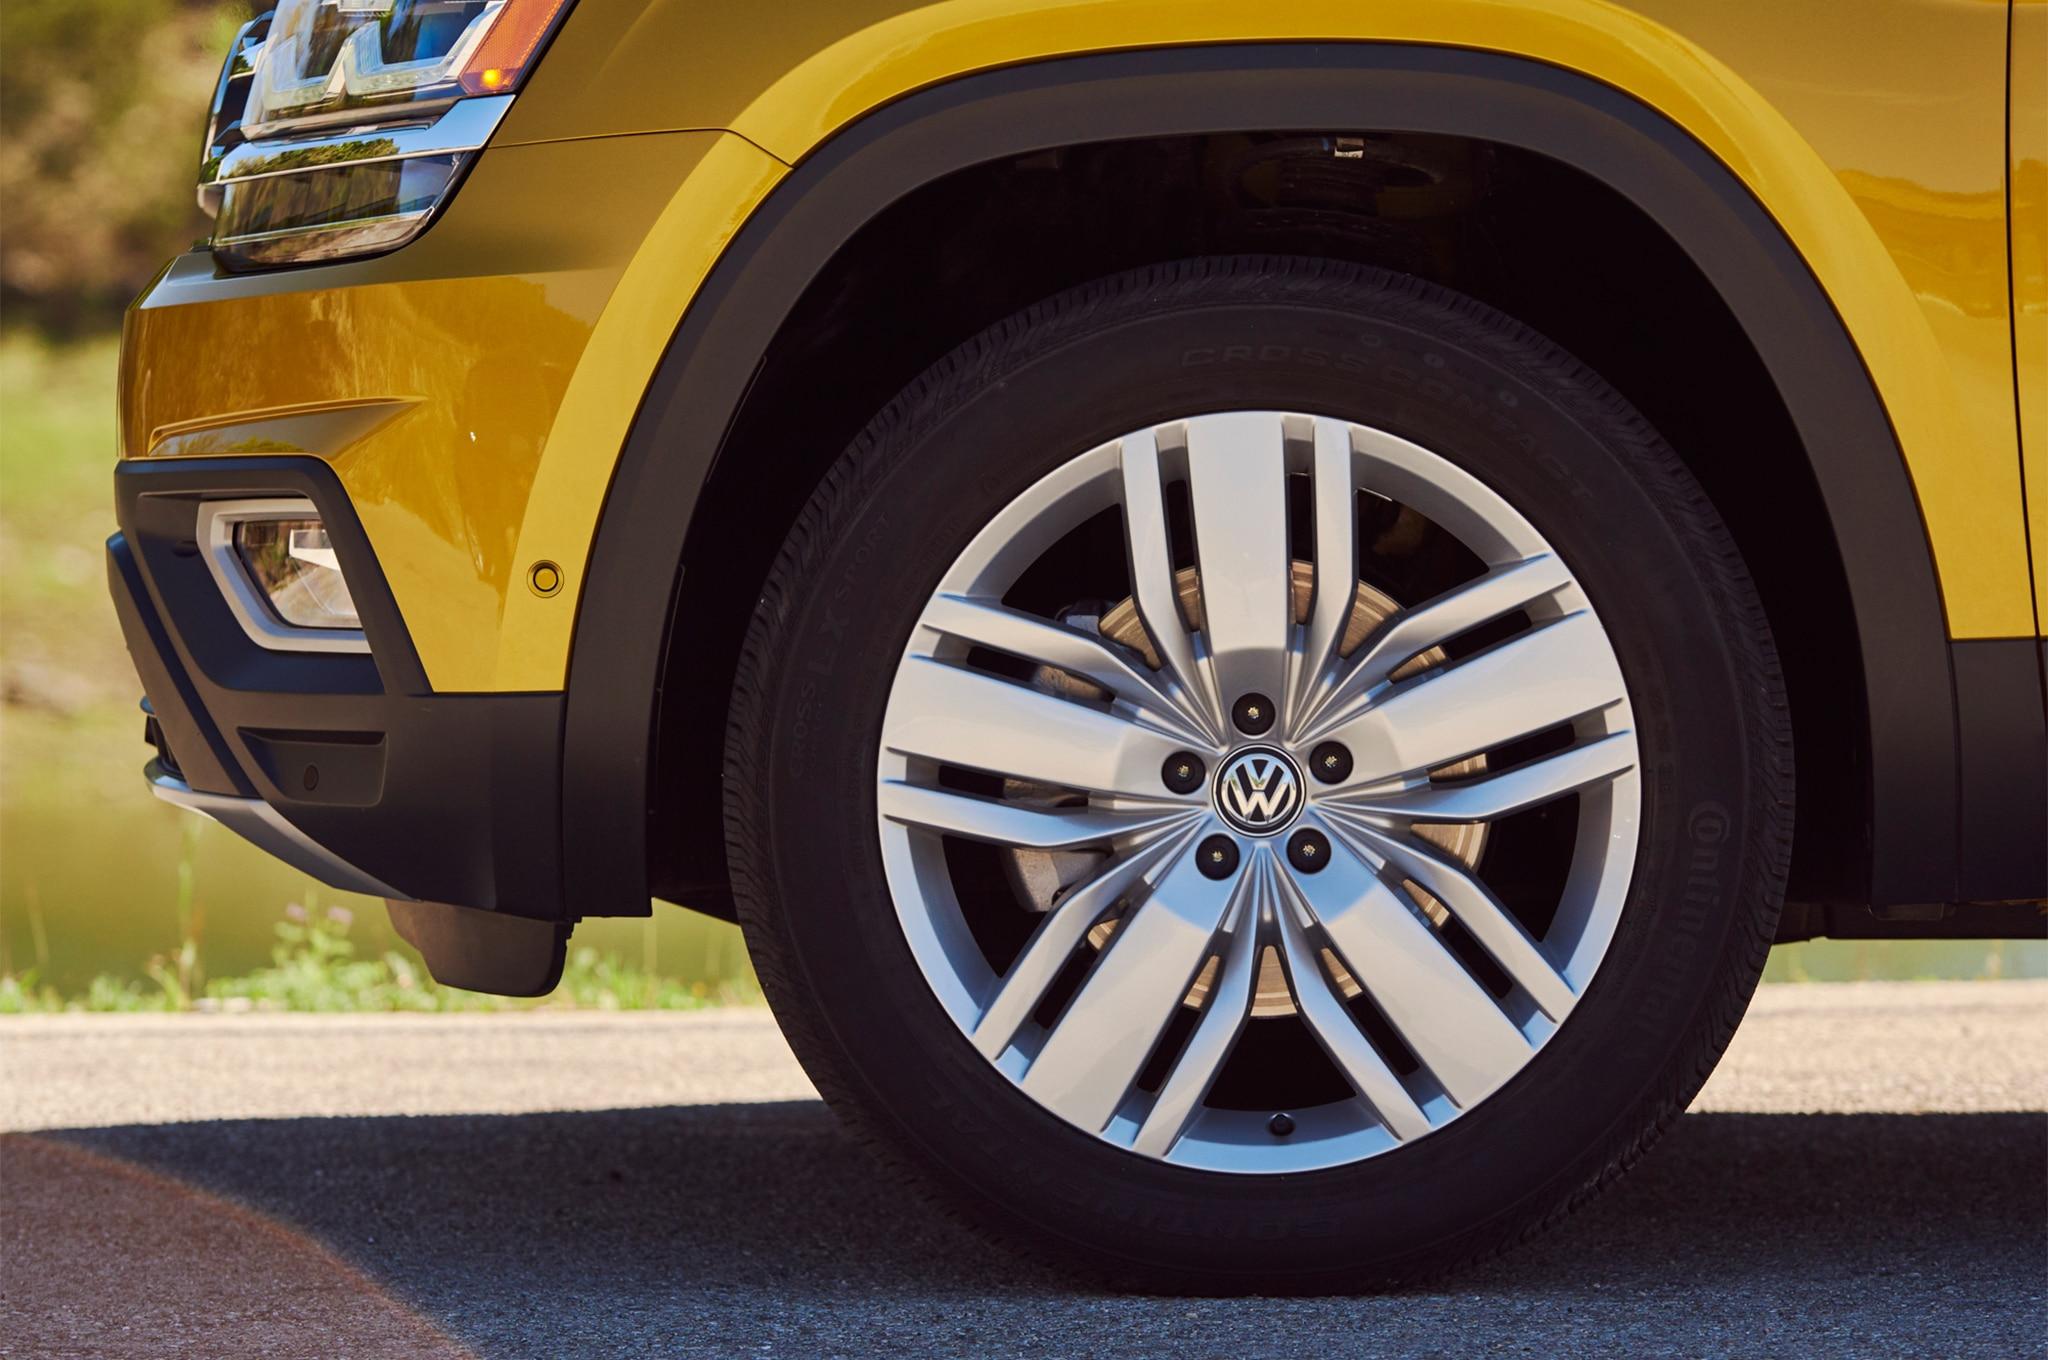 2018 volkswagen atlas price. Beautiful Volkswagen Show More Inside 2018 Volkswagen Atlas Price